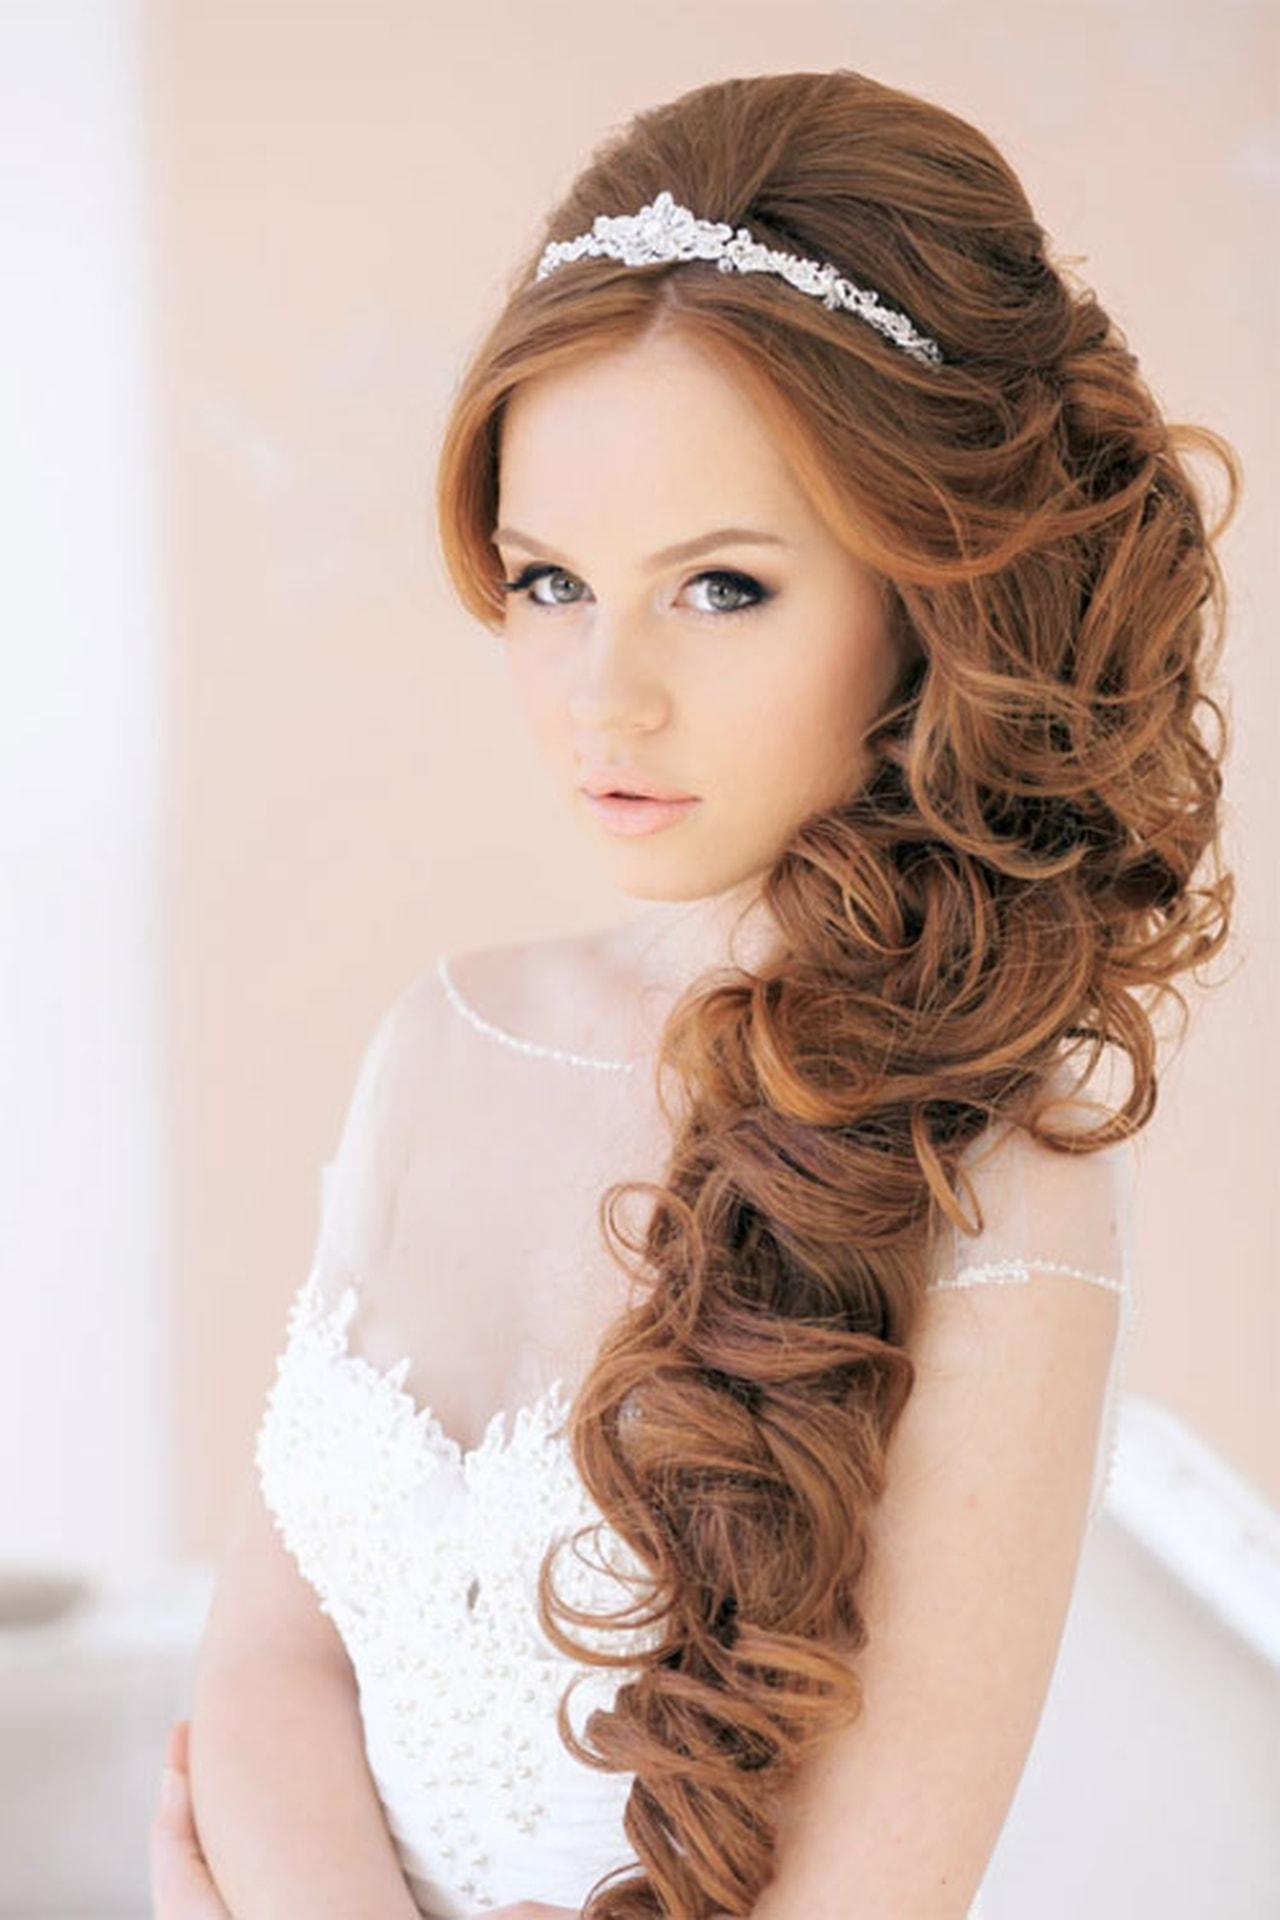 بالصور صور تسريحات شعر عروس , احلى تسريحات للعرايس 7268 4